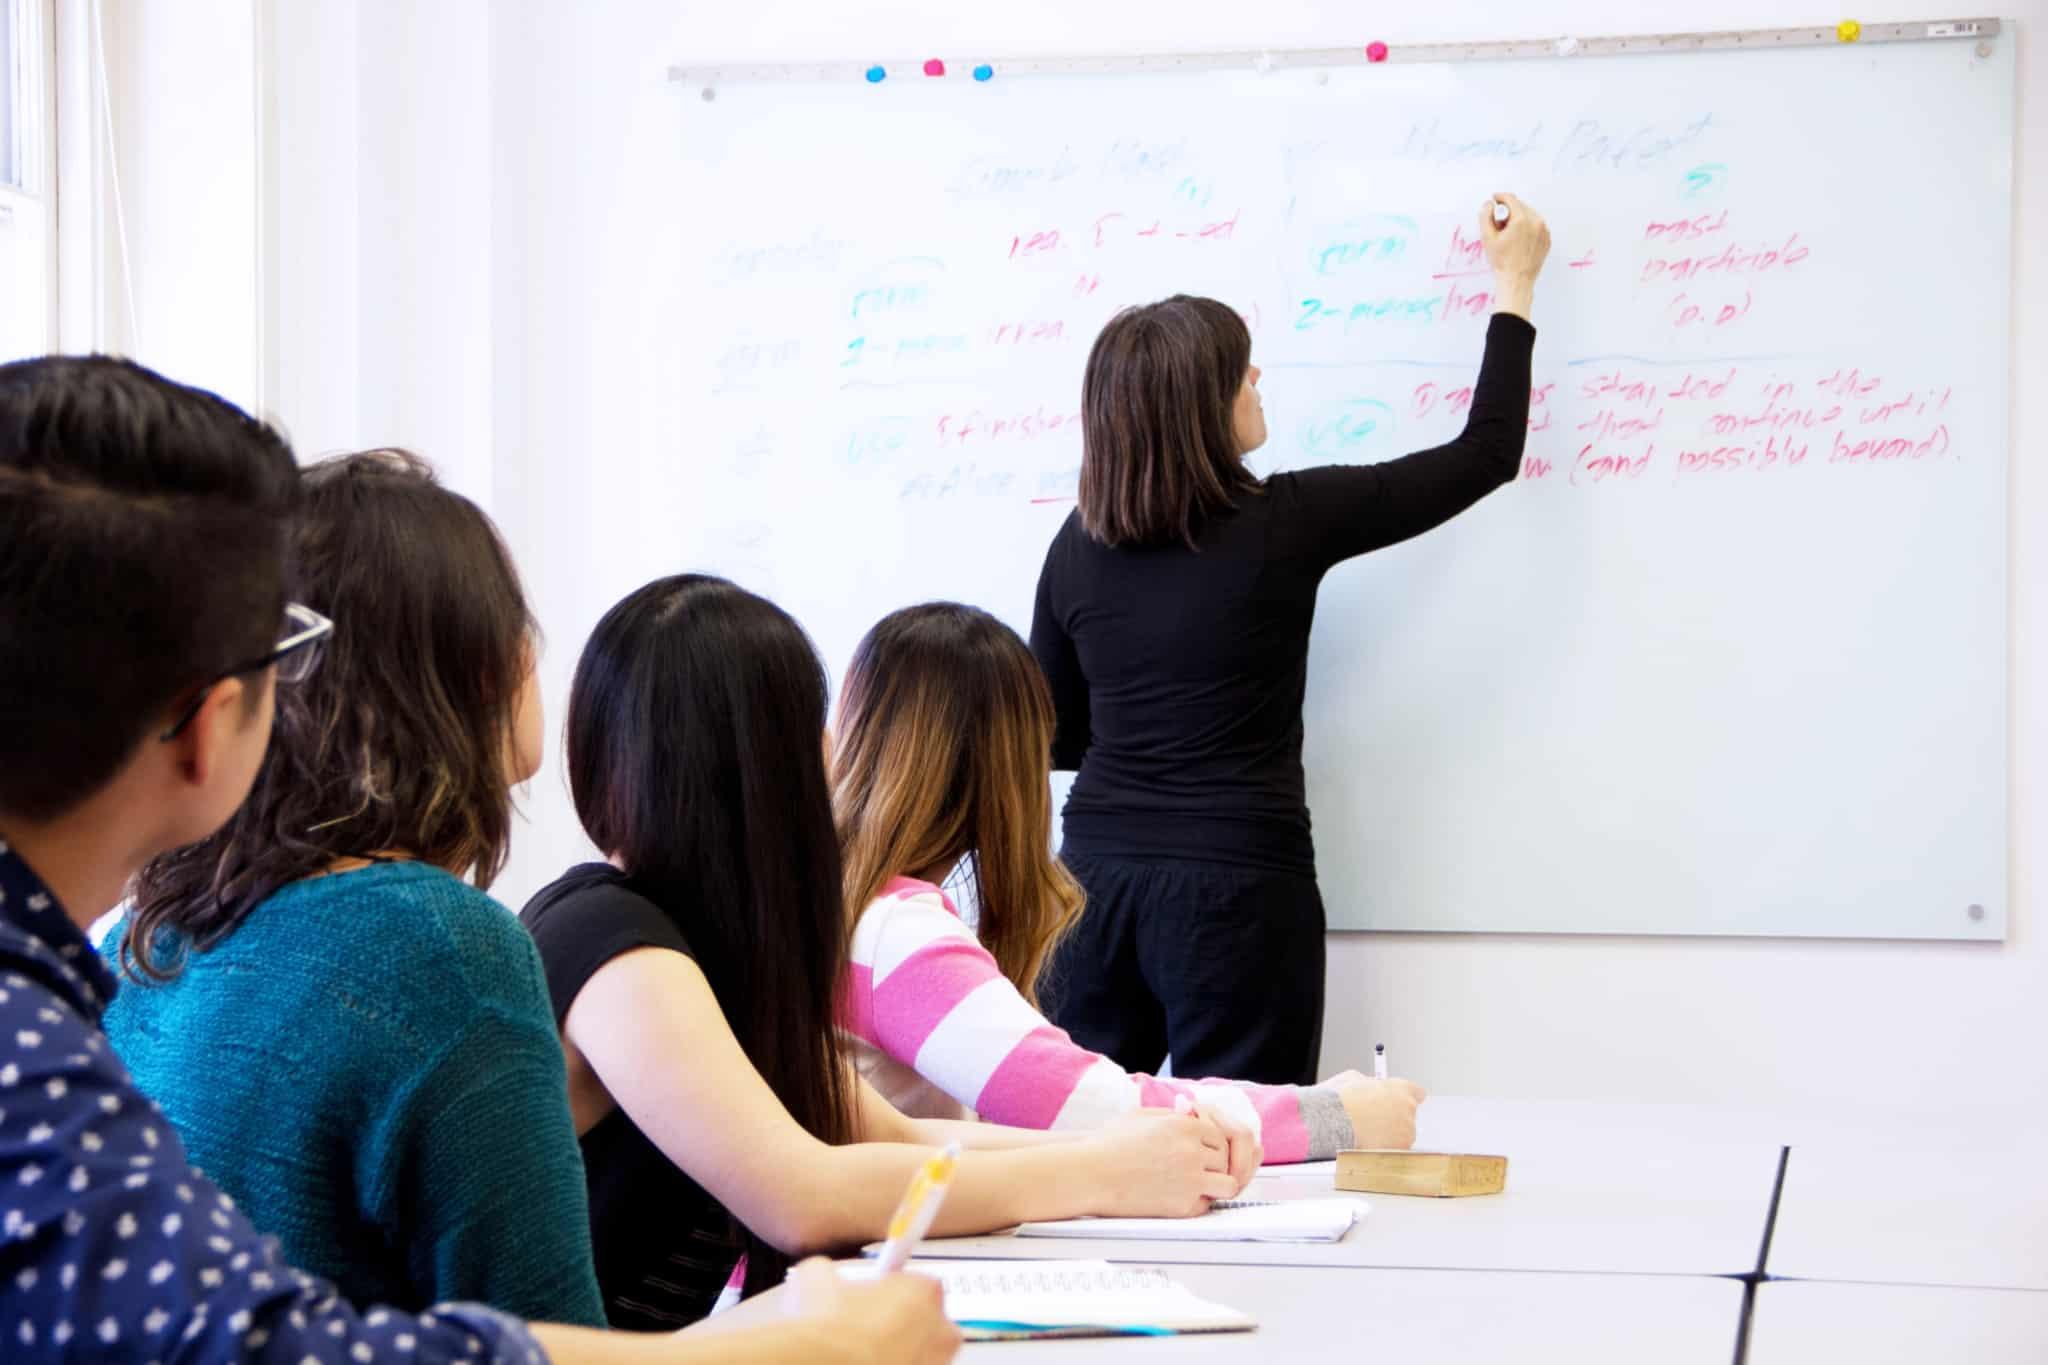 professora a escrever num quadro branco com 4 alunos a ver